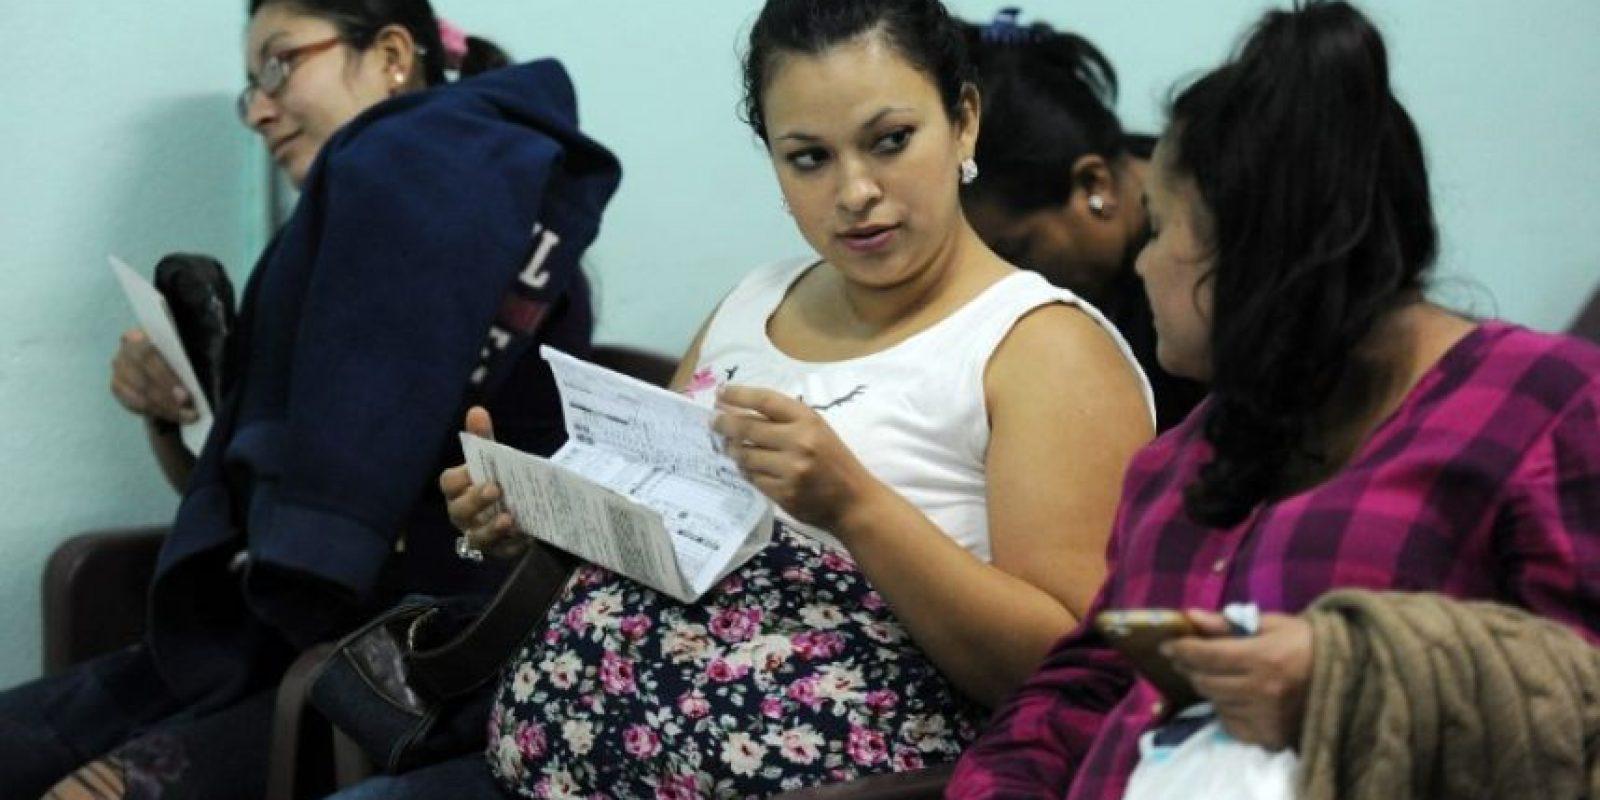 Recomiendan que las embarazadas eviten cualquier picadura del mosquito. Foto:AFP